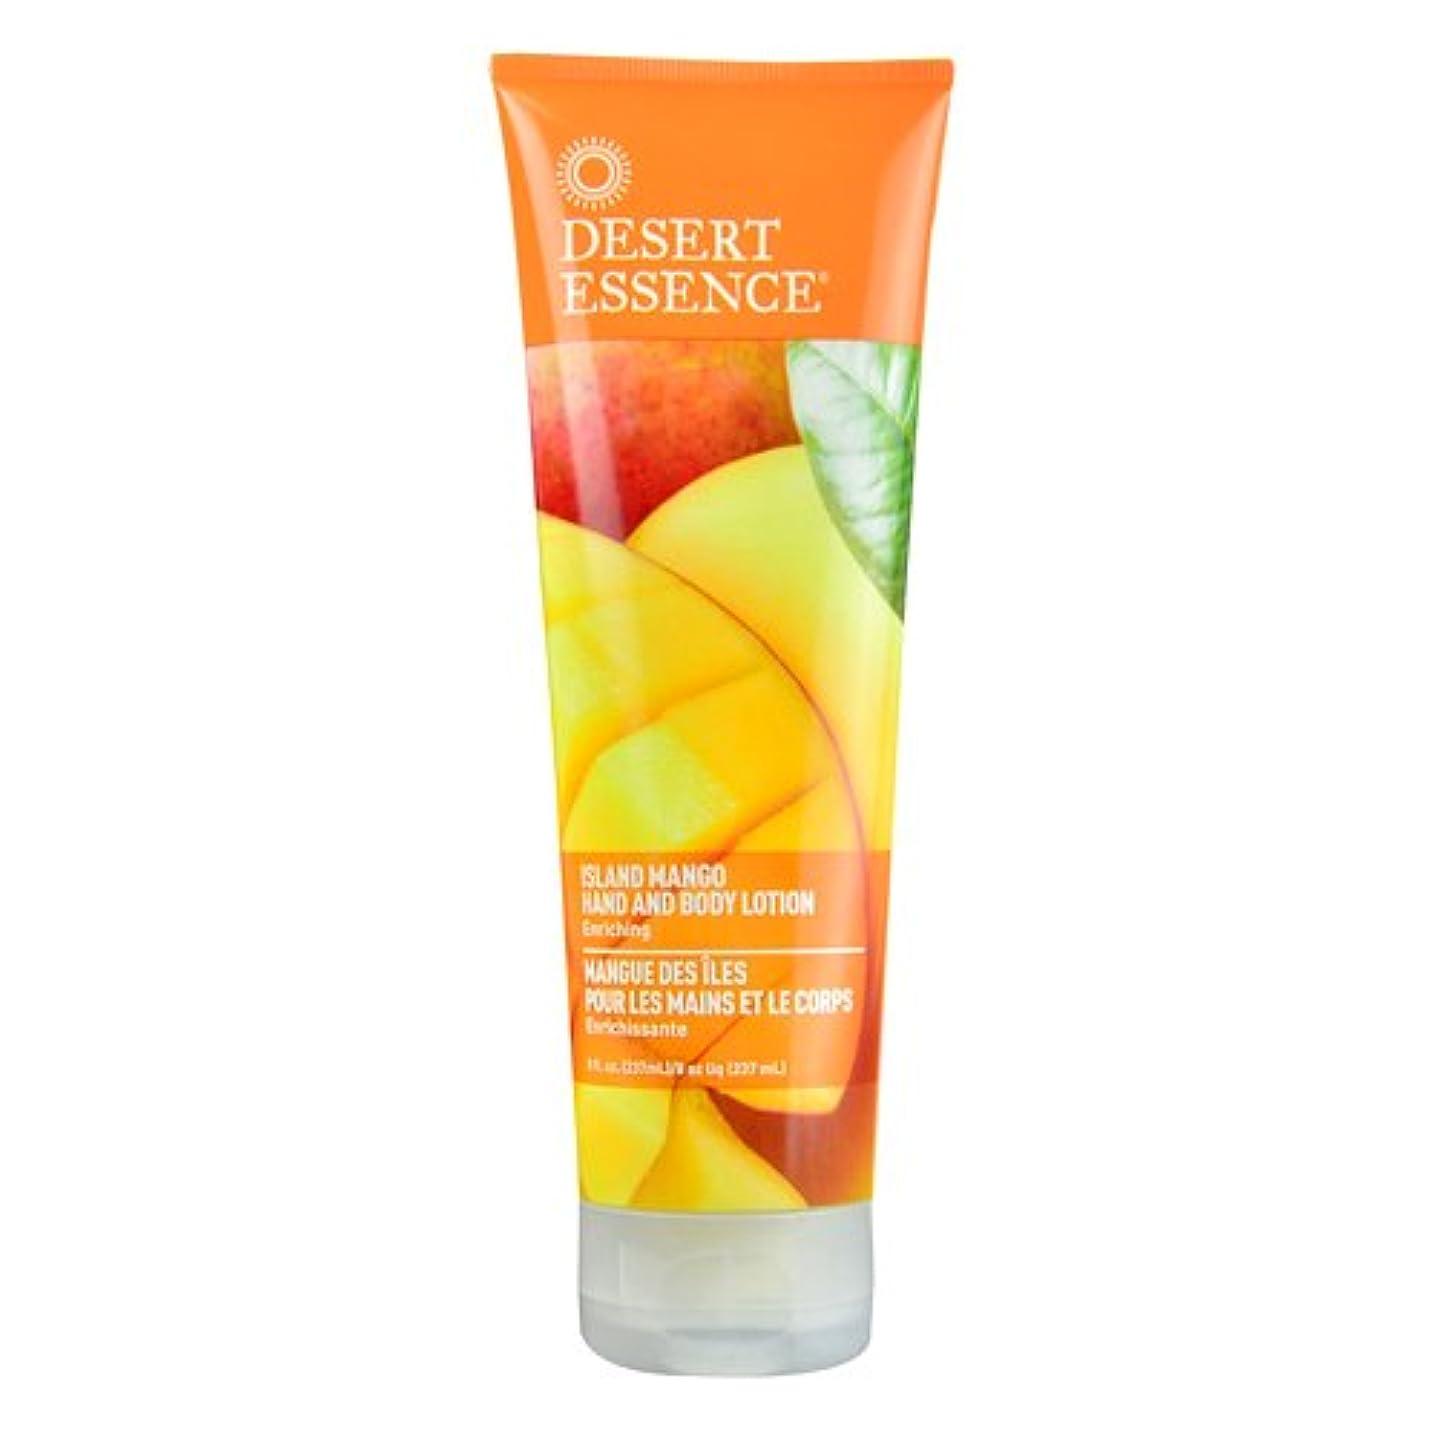 蒸発レースオリエントDesert Essence, Hand and Body Lotion, Island Mango, 8 fl oz (237 ml)